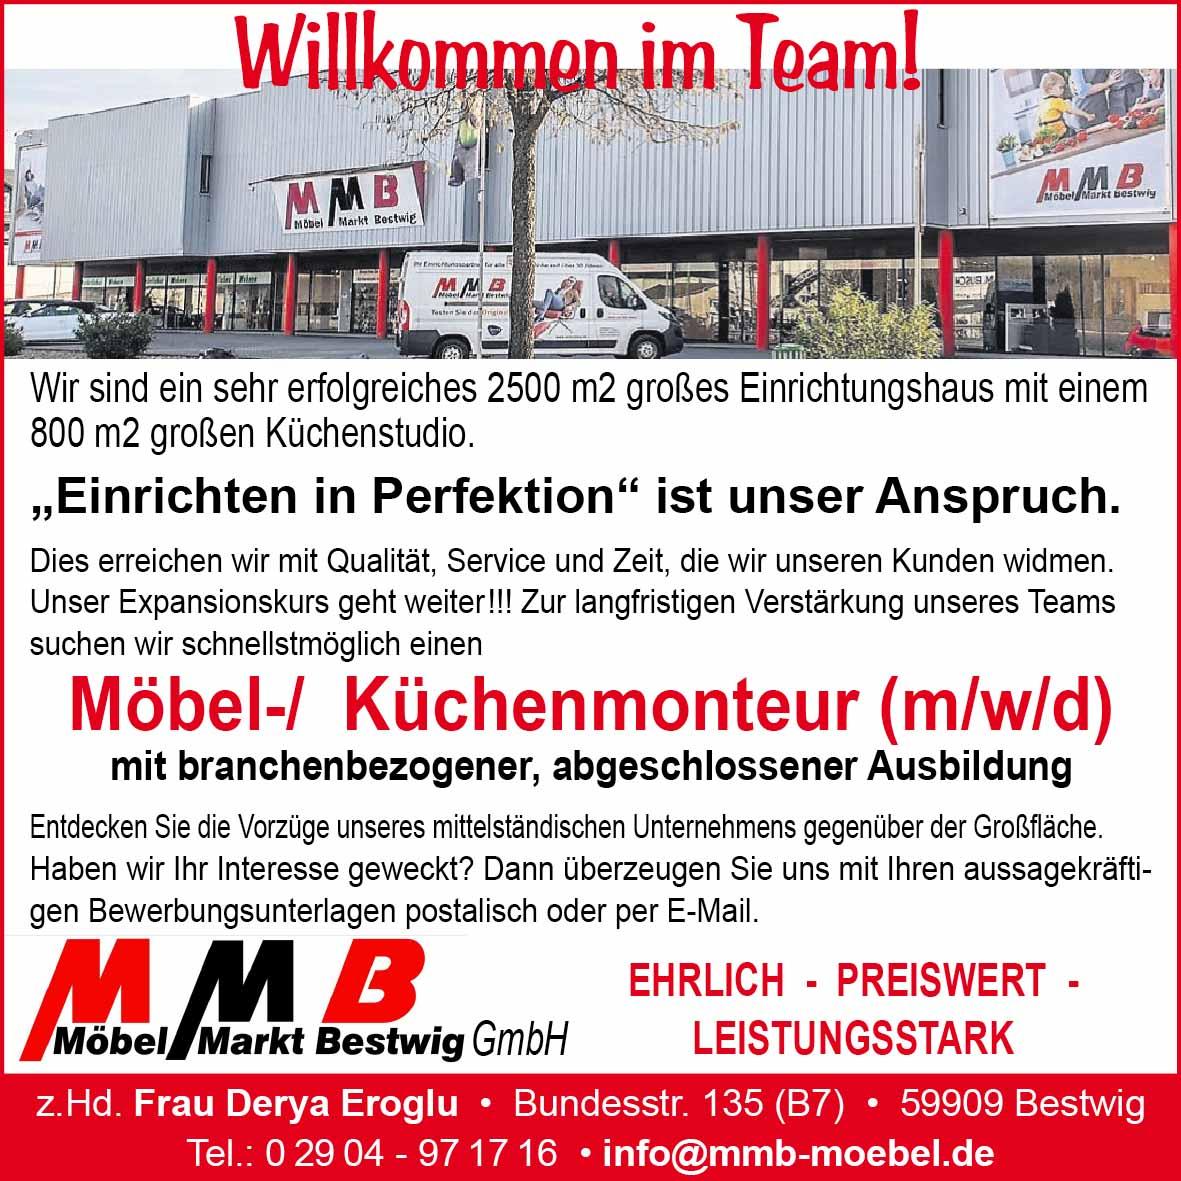 MMB Möbel- Küchenmonteur gesucht